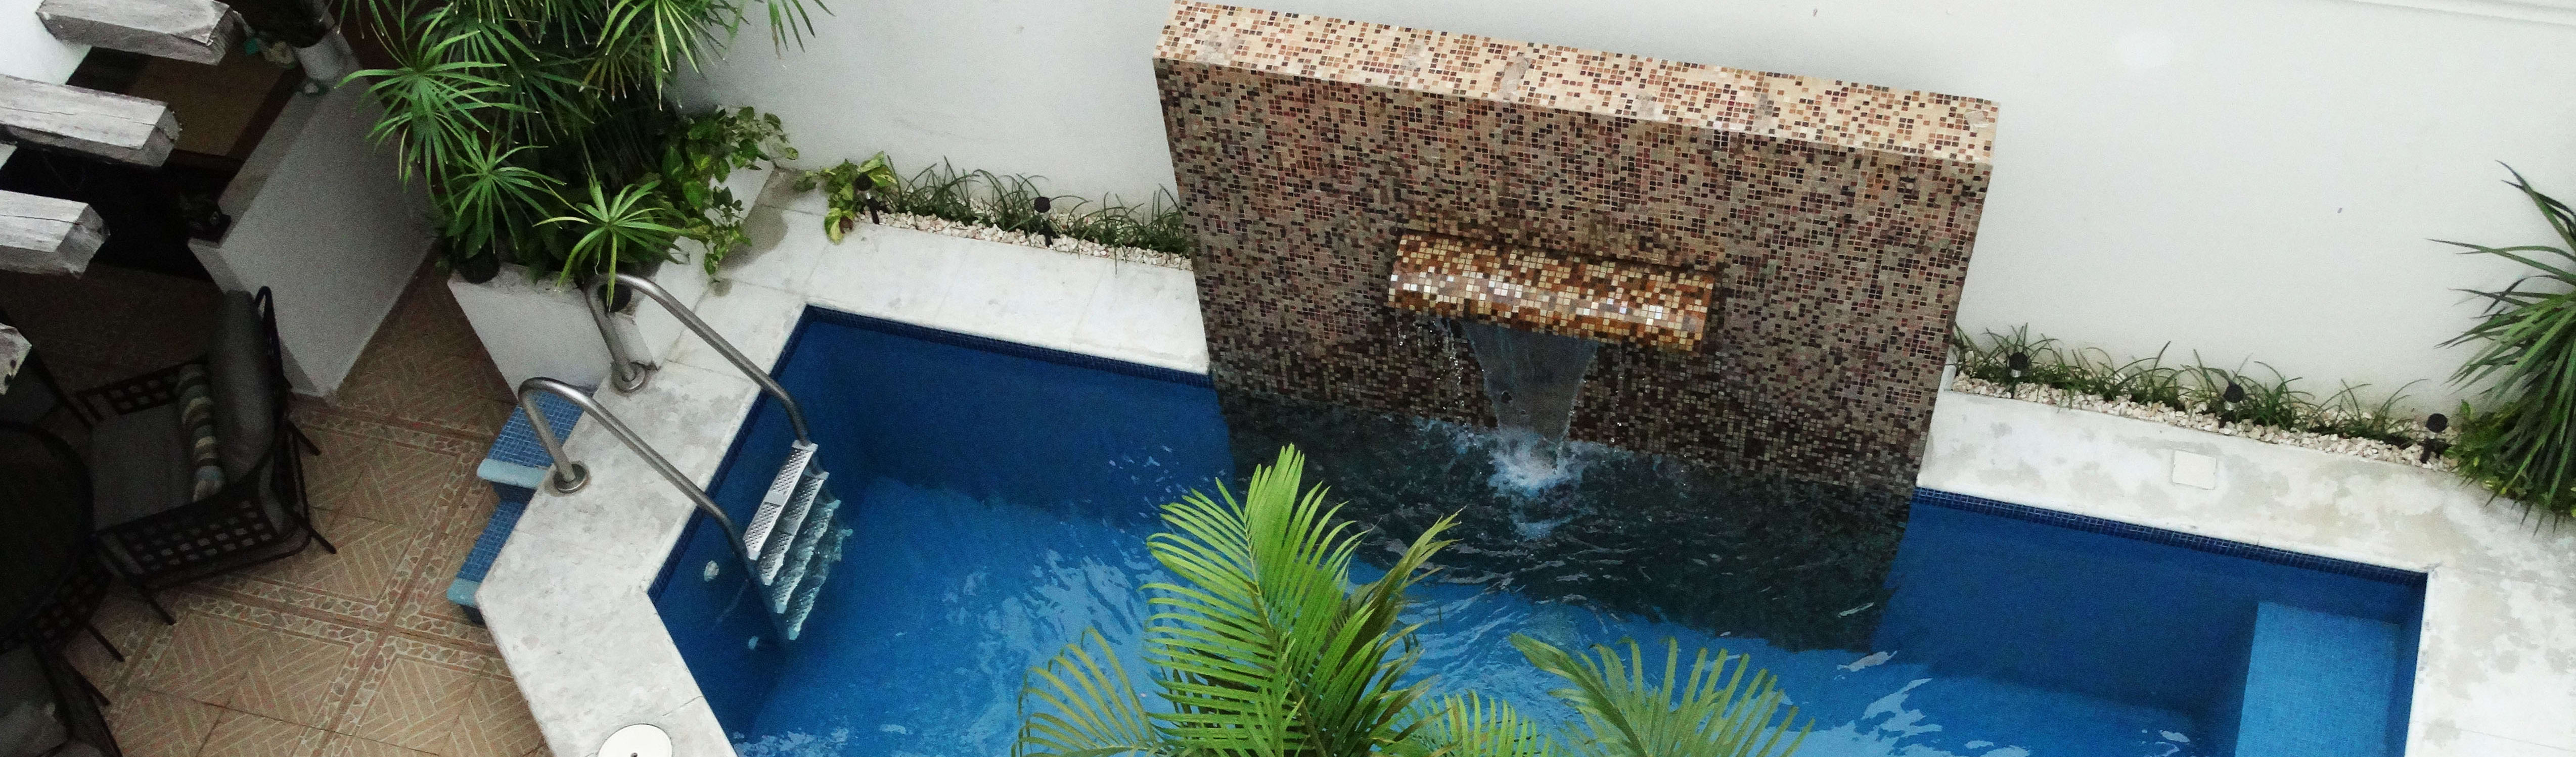 Arq Eduardo Galan, Arquitectura y paisajismo